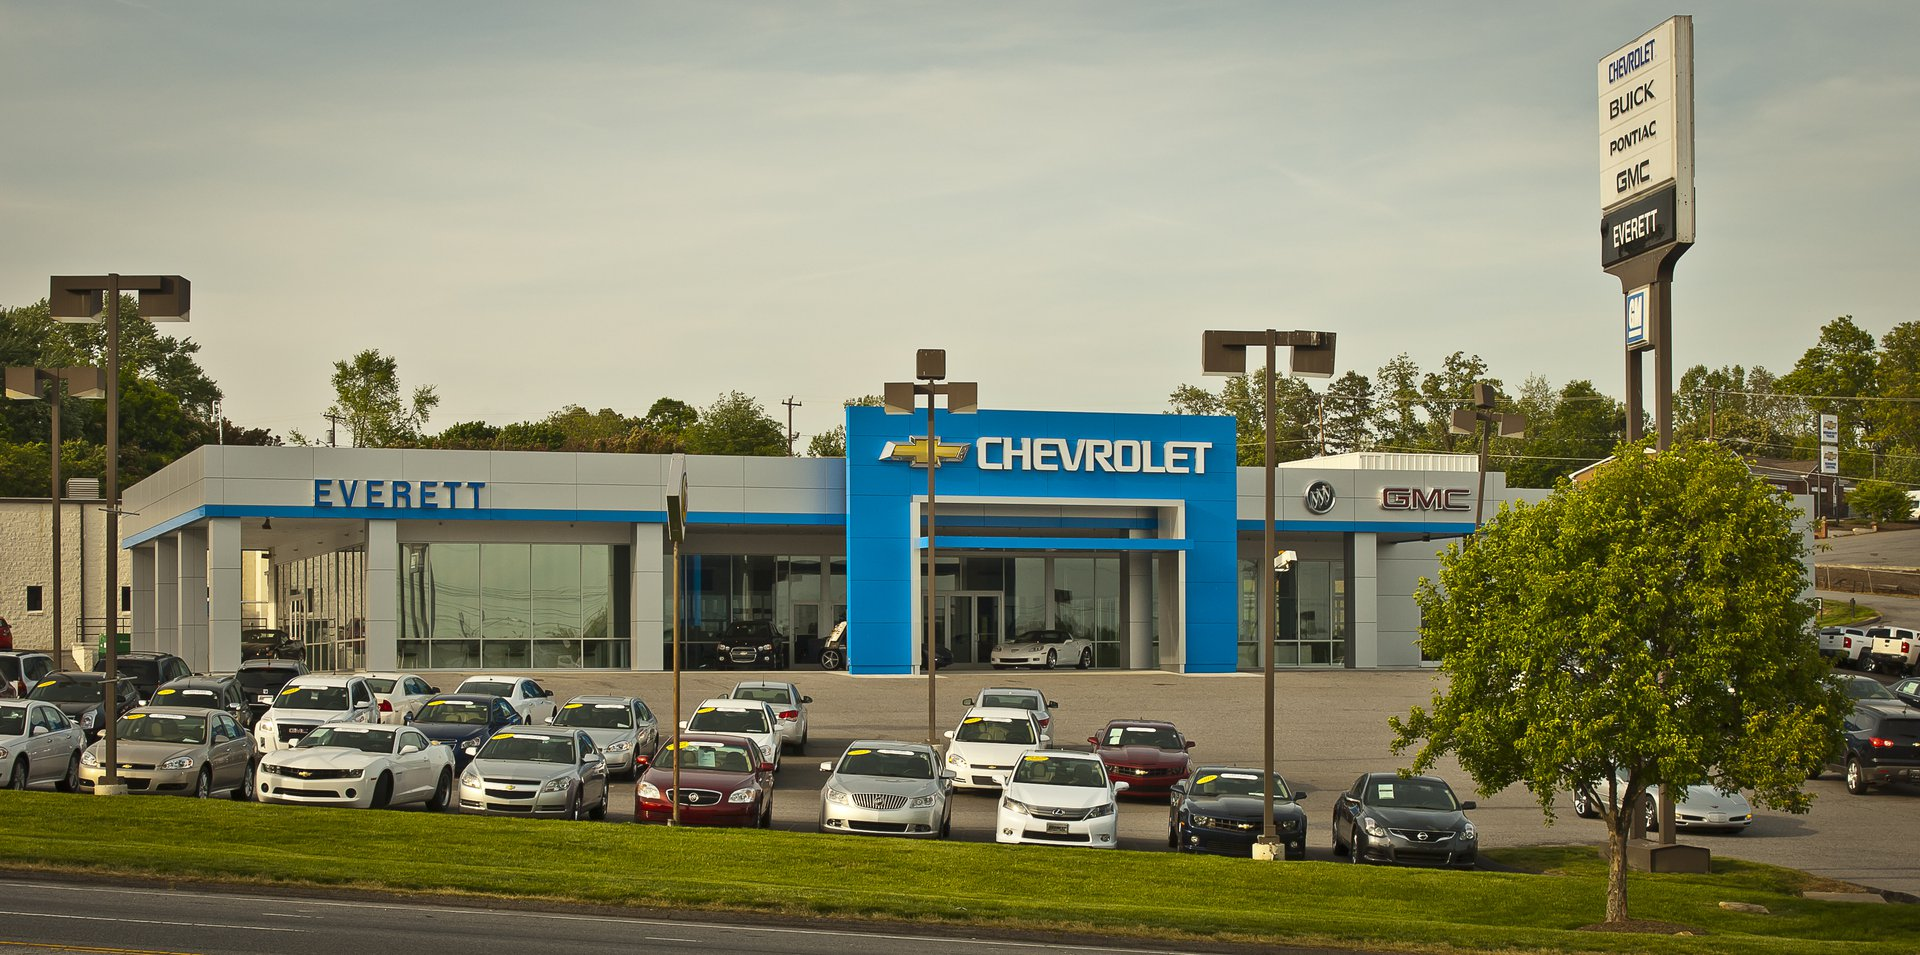 Everett Chevrolet Hickory